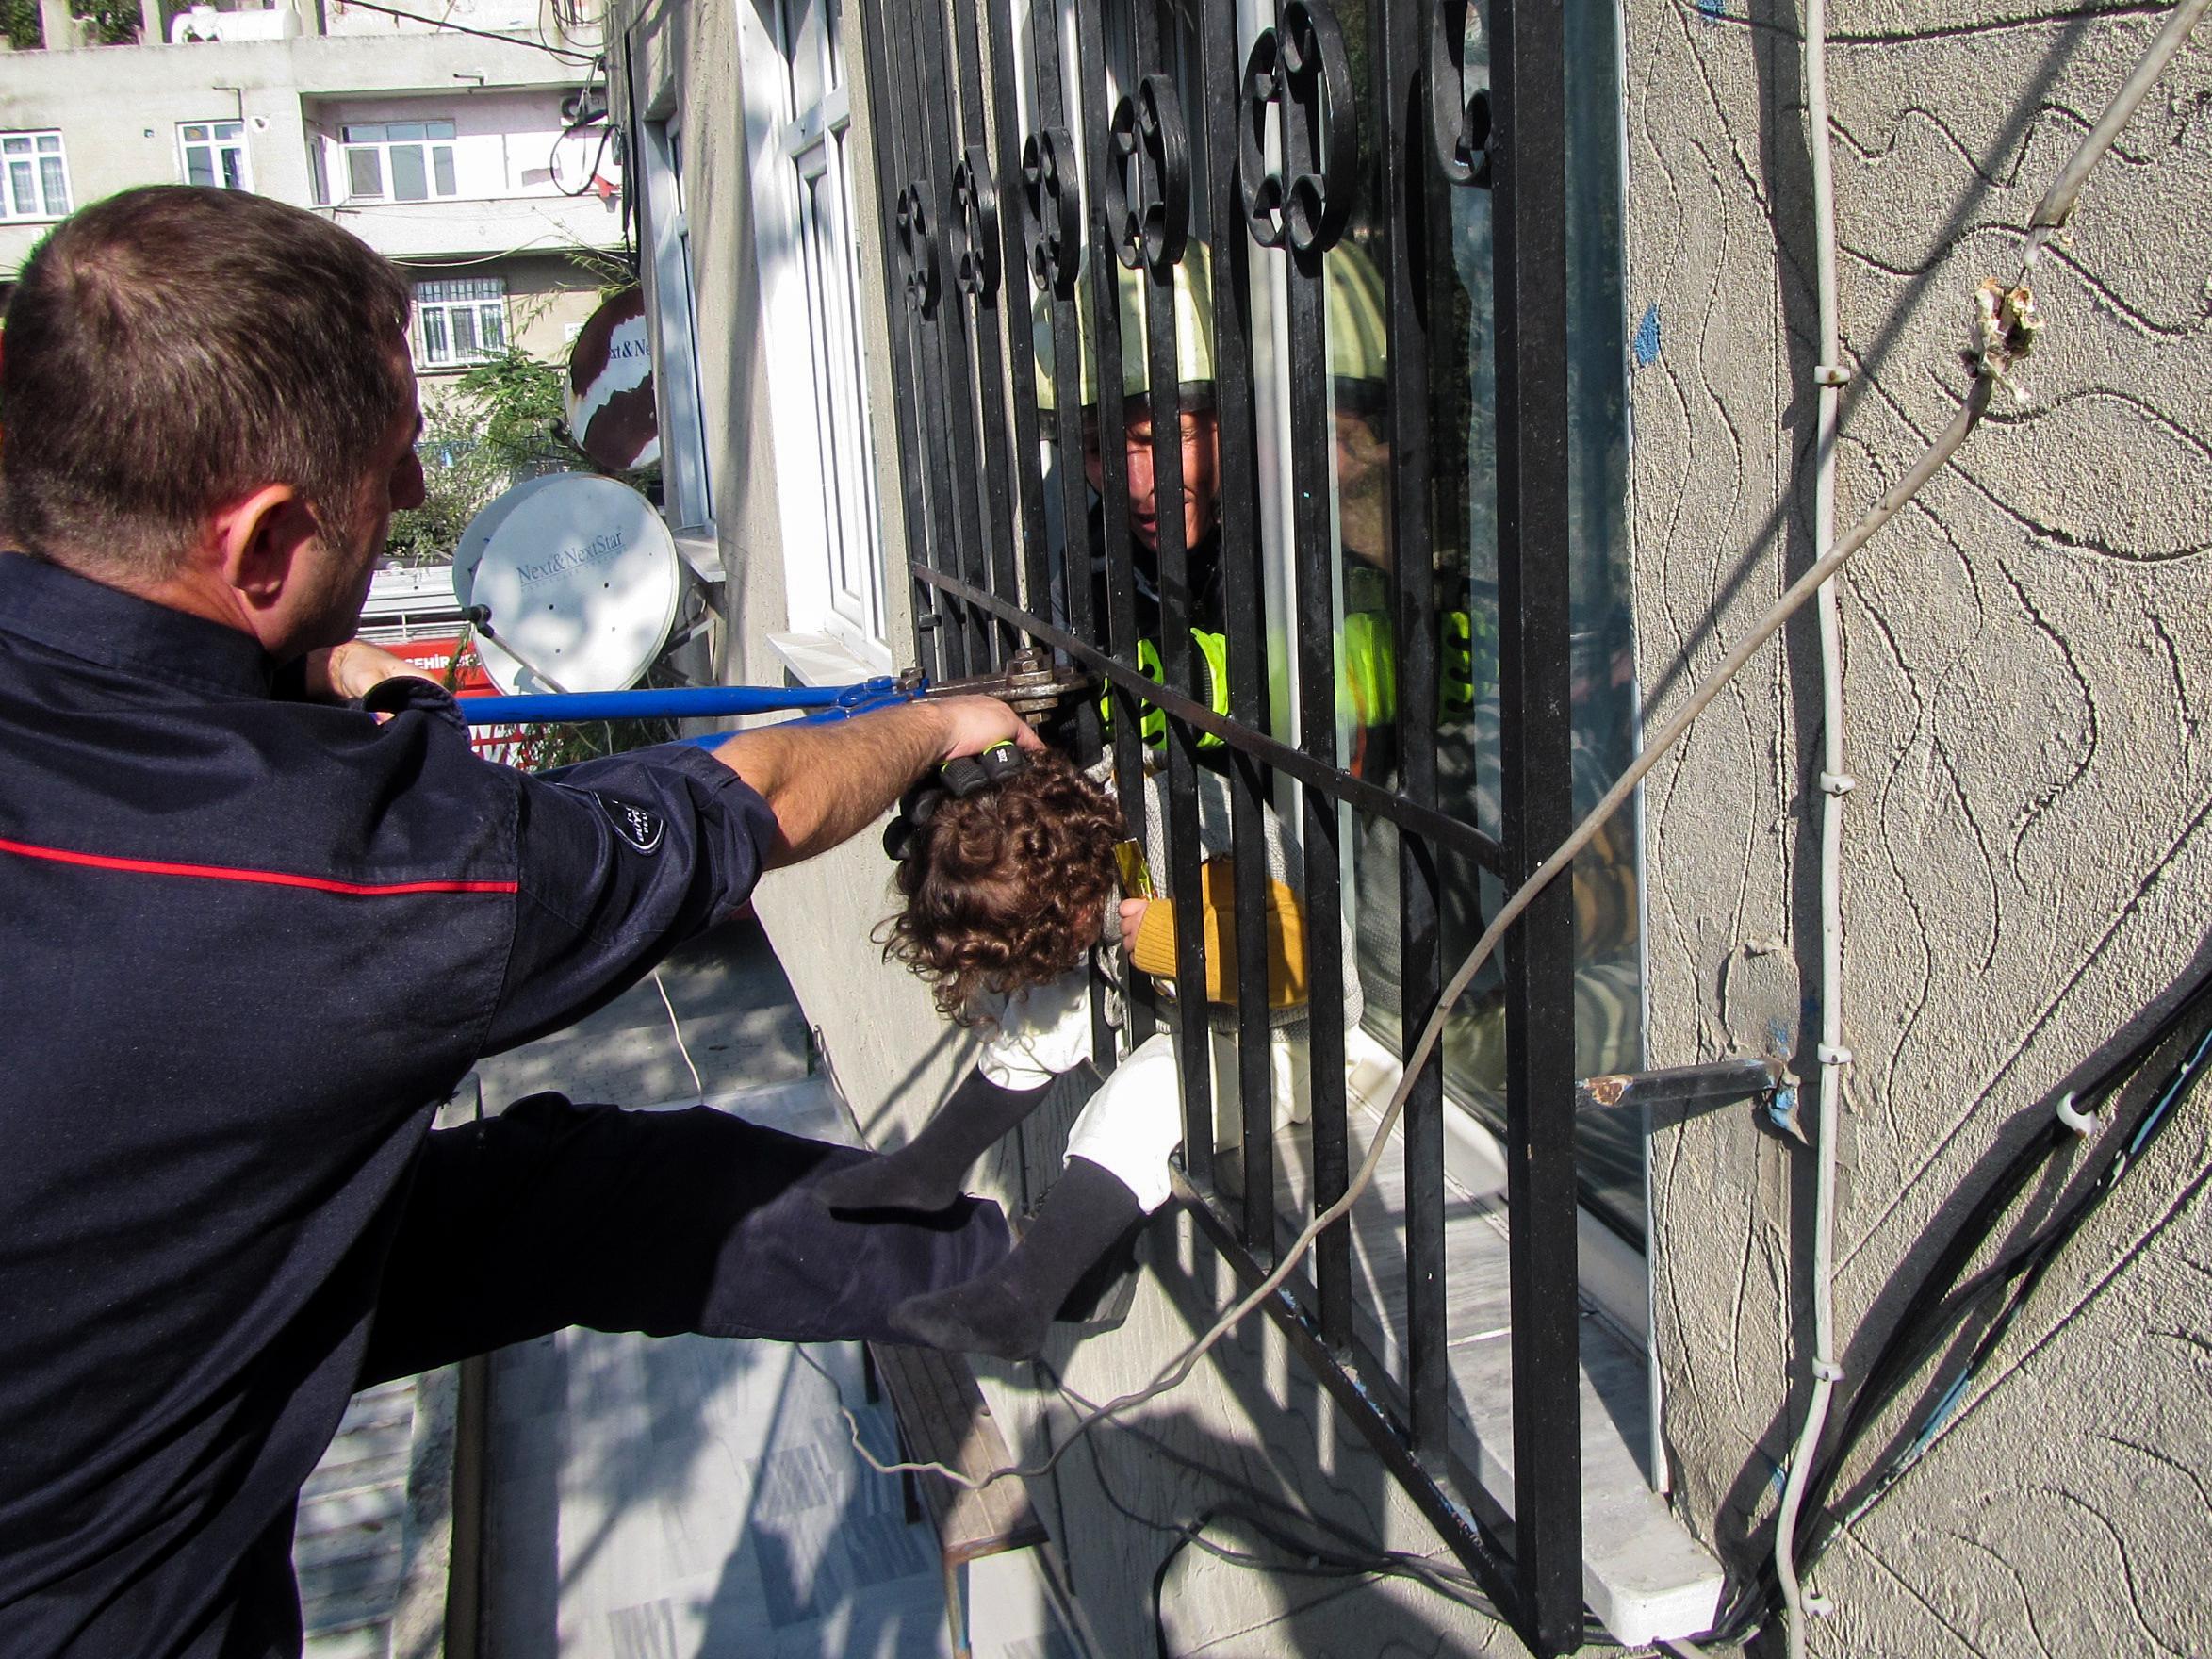 Hayat kurtarmak bizim işimiz - Haberler - İstanbul İtfaiyesi